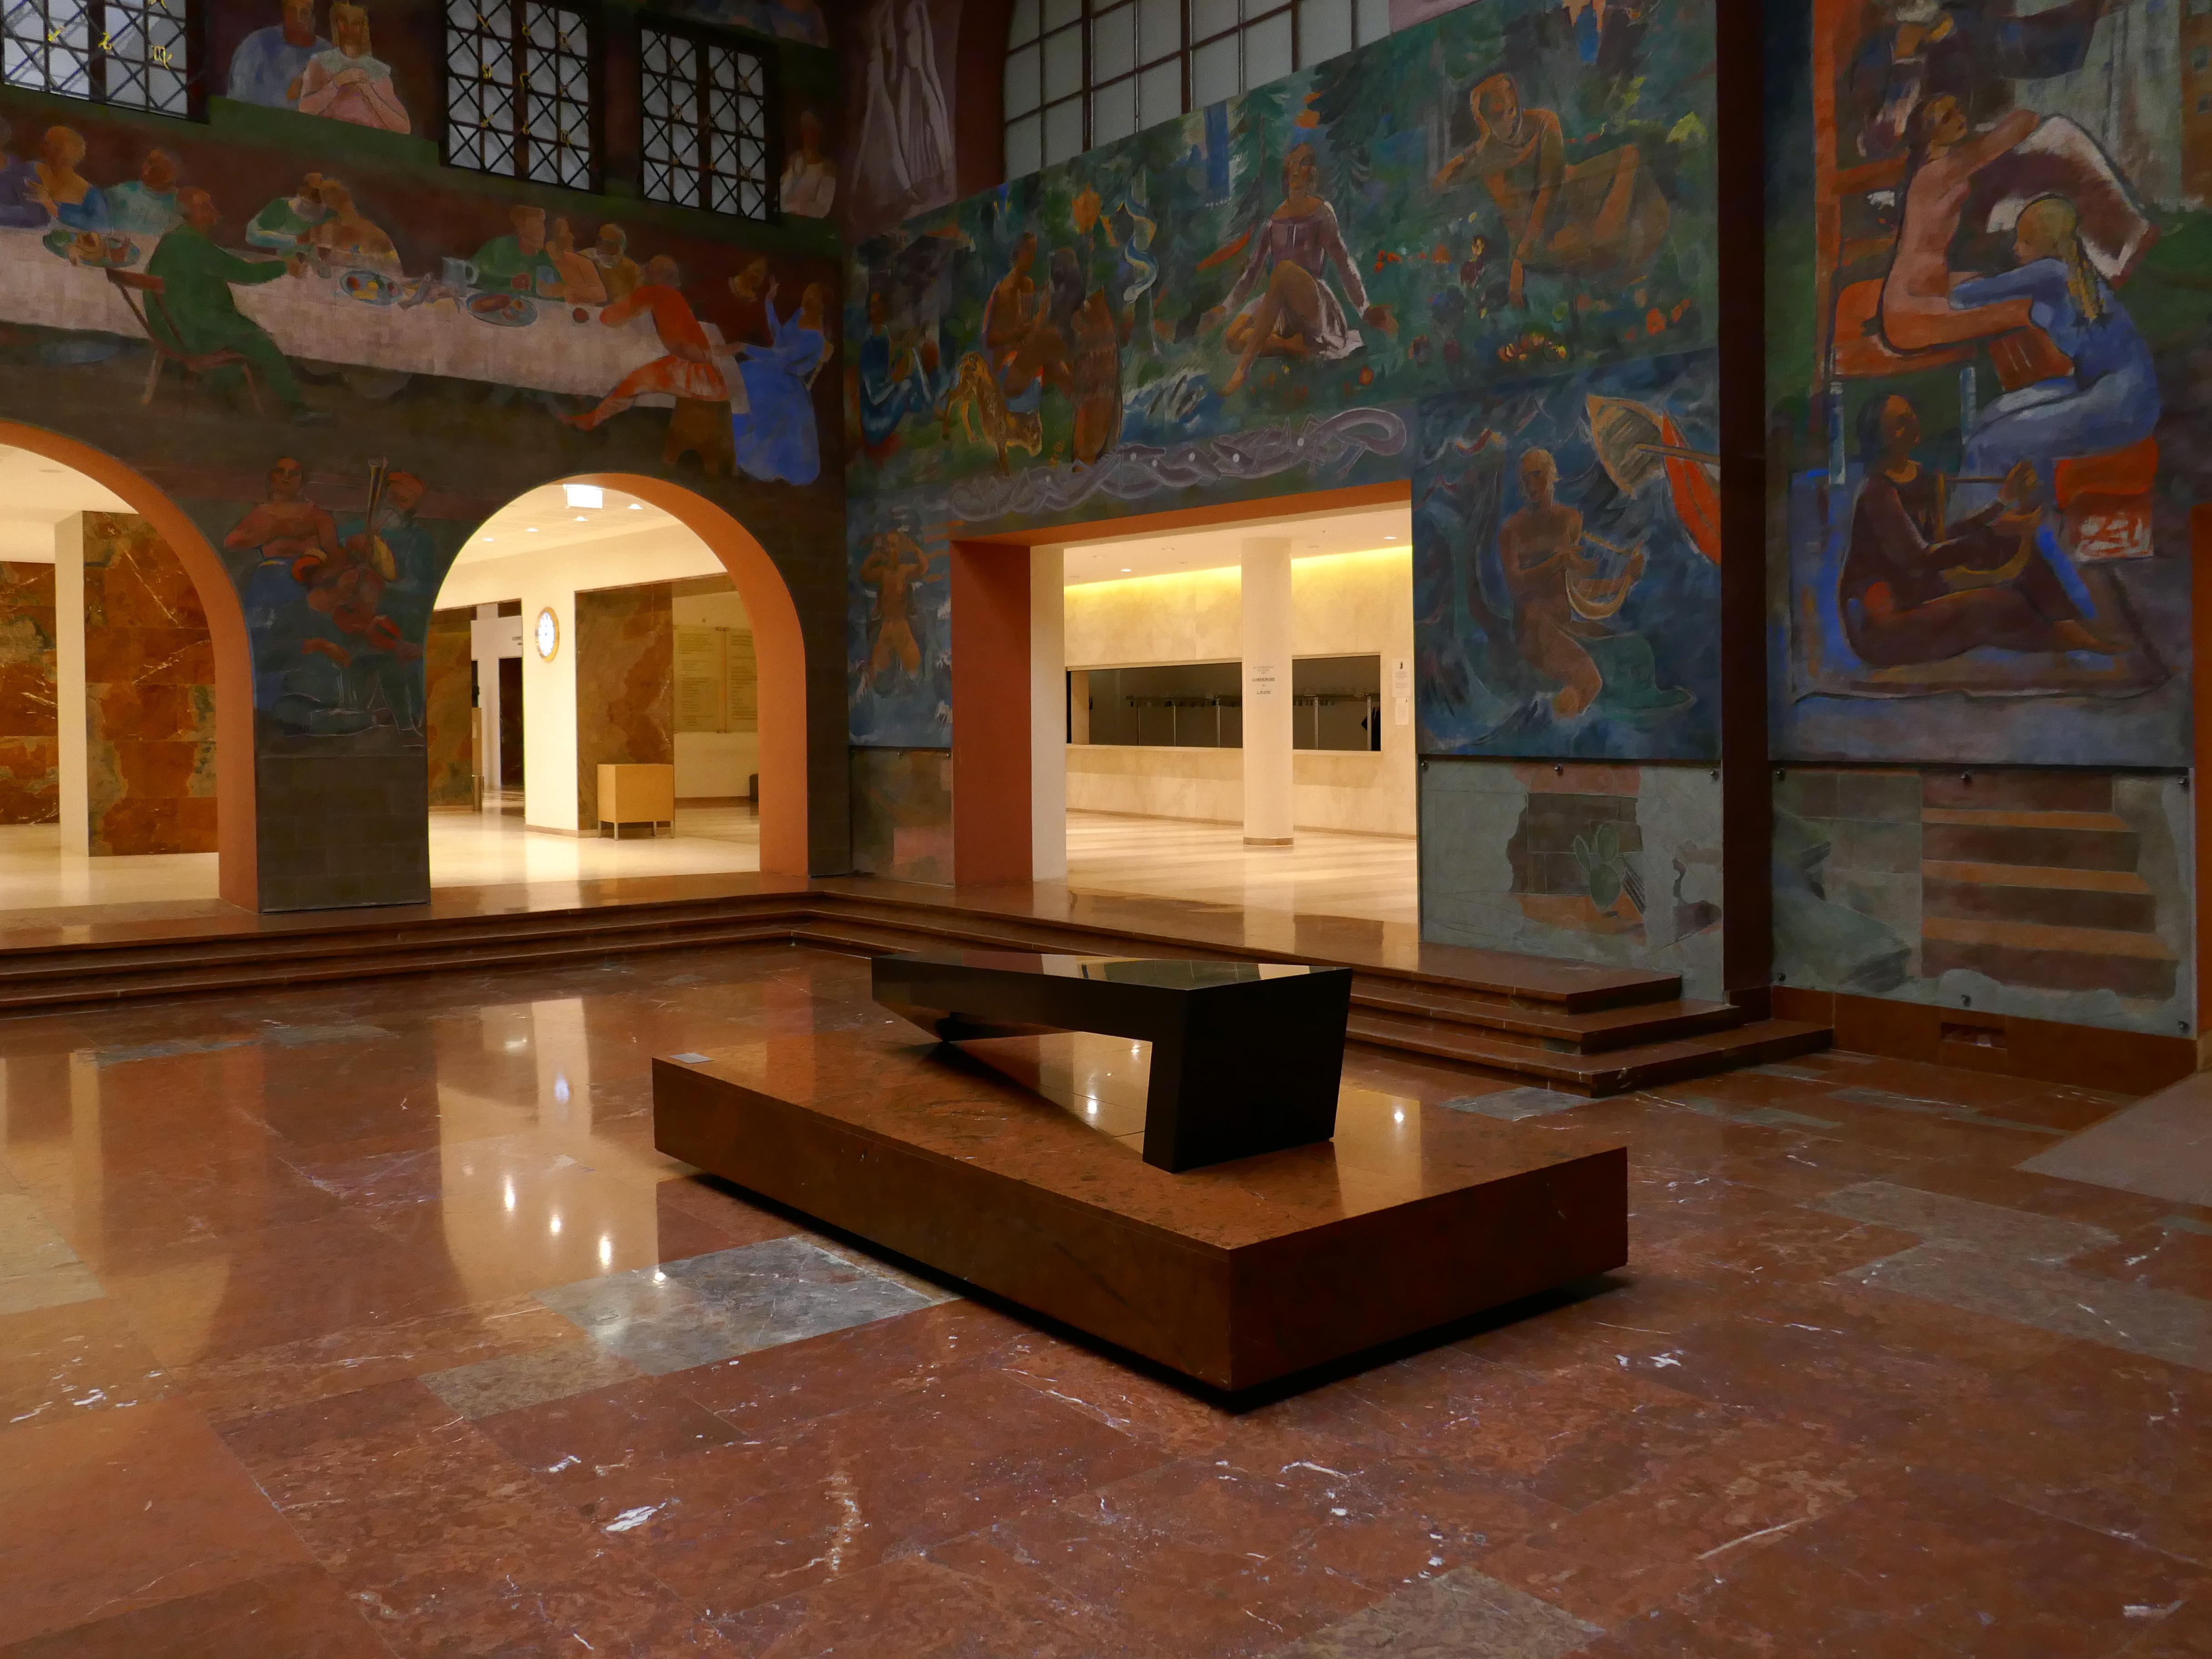 File:Haus für Mozart, Salzburg - Faistauer-Foyer (9).jpg - Wikimedia ...